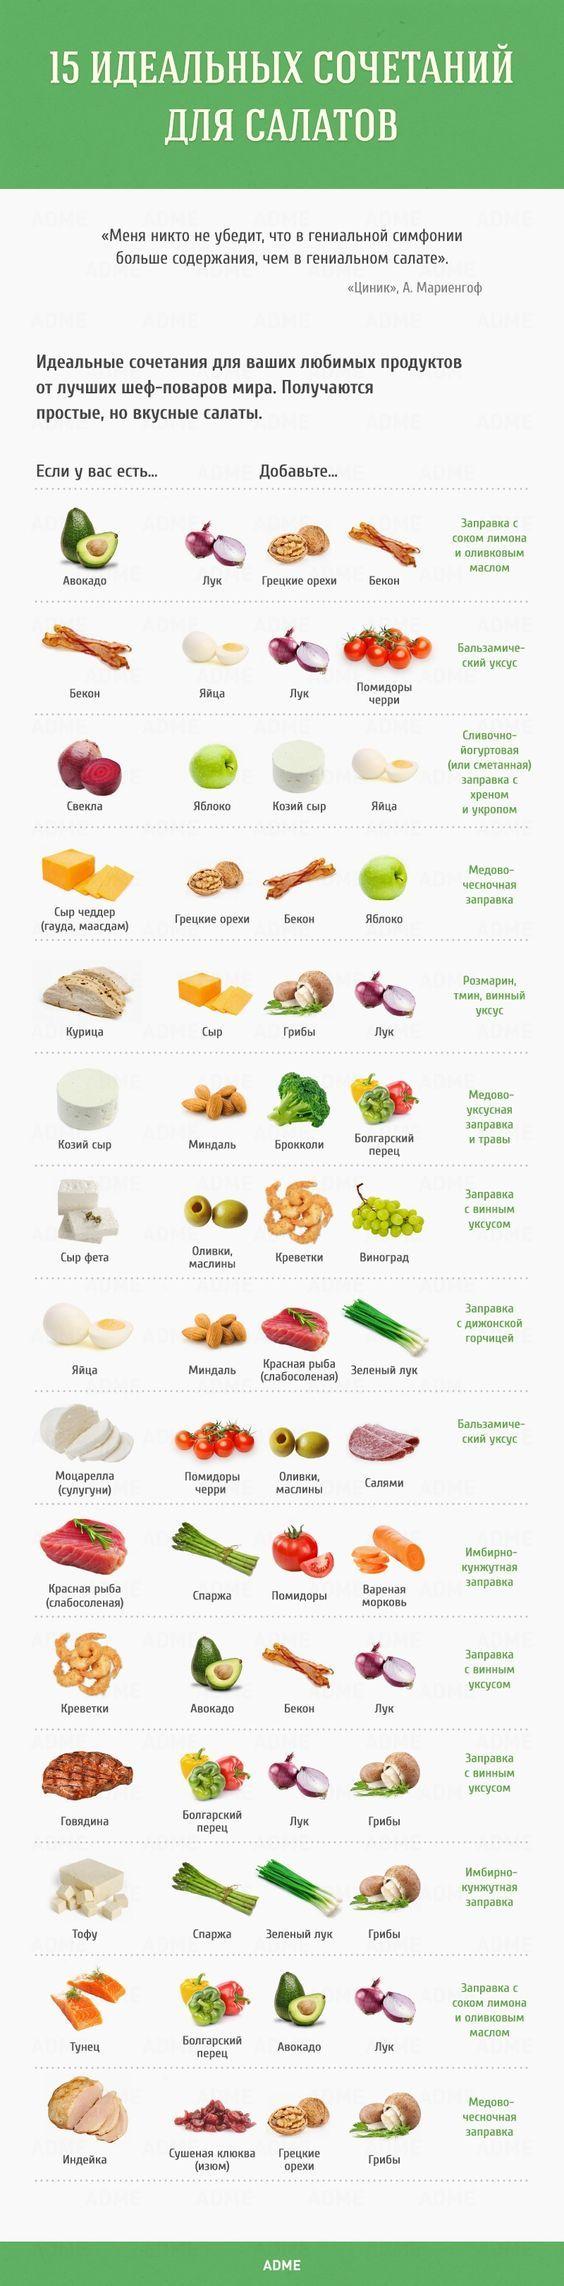 Инфографика в помощь на кухне. Обсуждение на LiveInternet - Российский Сервис Онлайн-Дневников